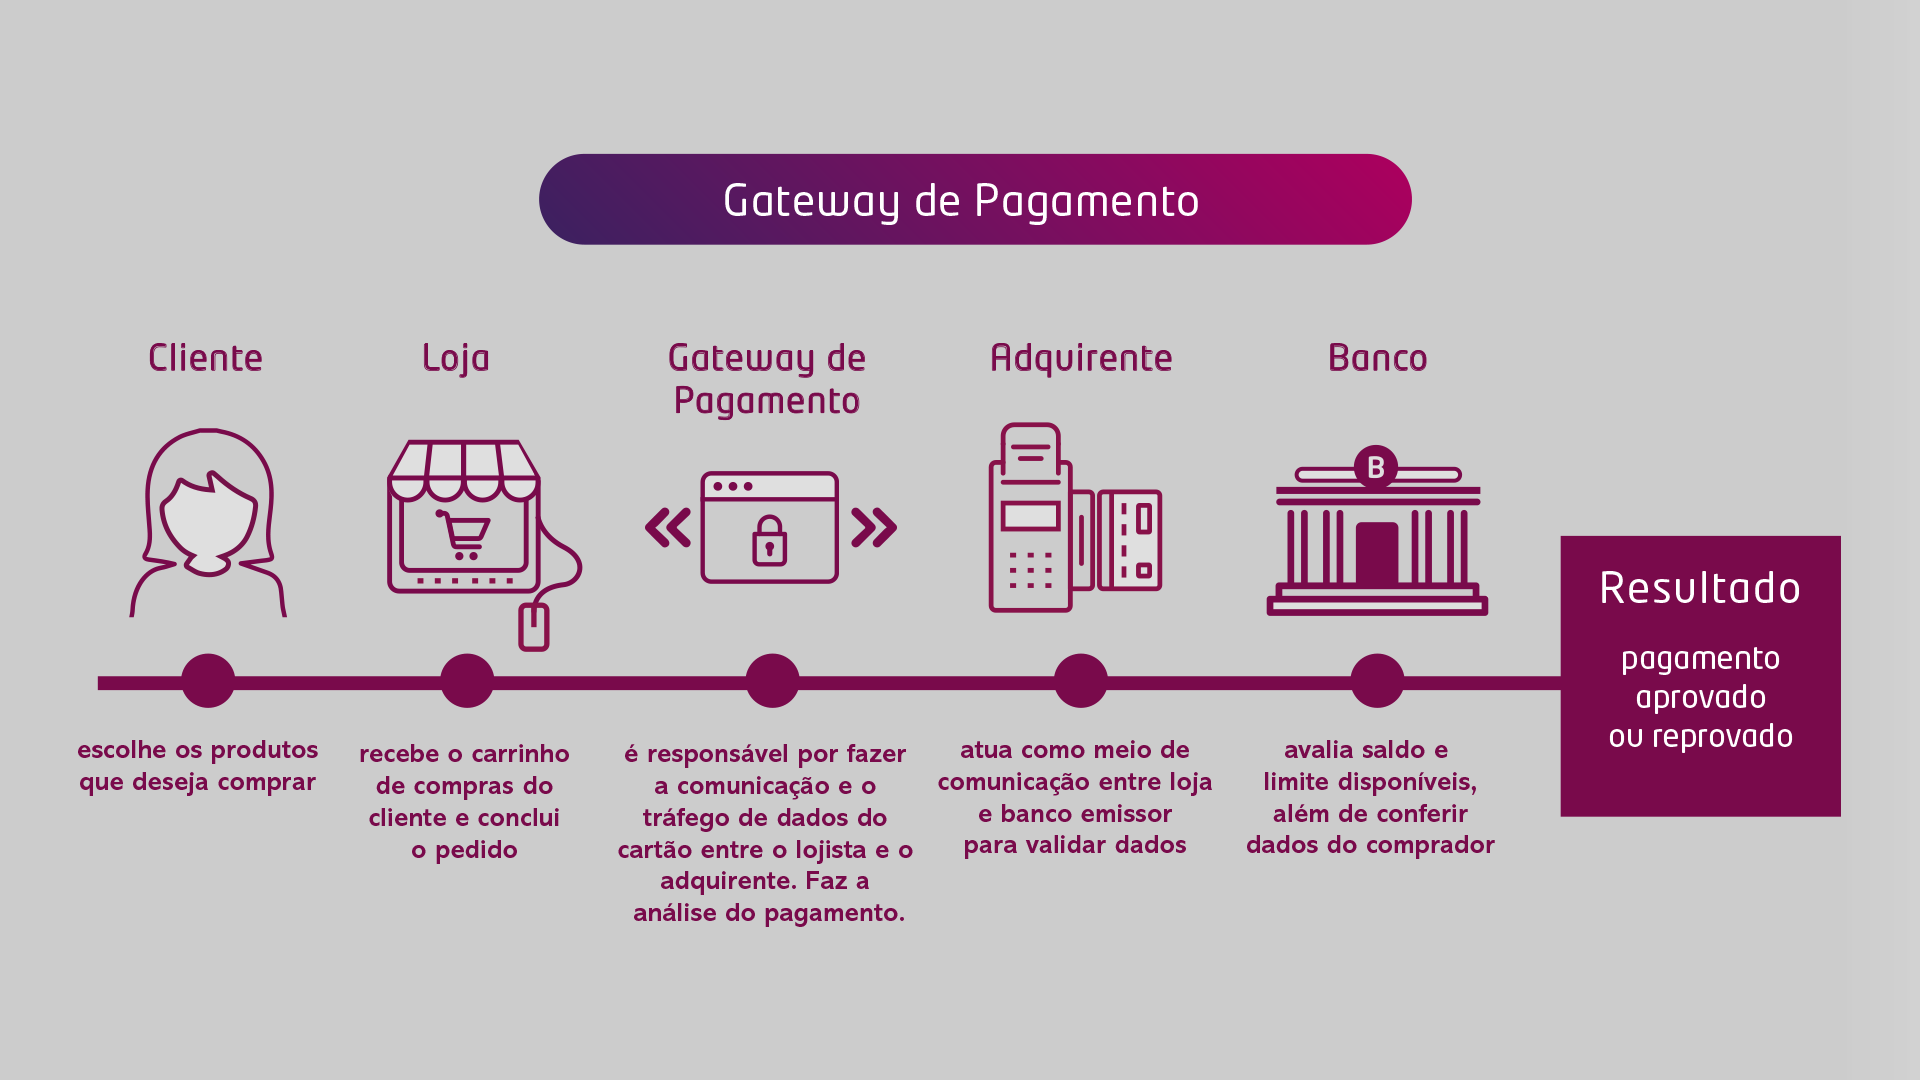 meios de pagamento online - gateway